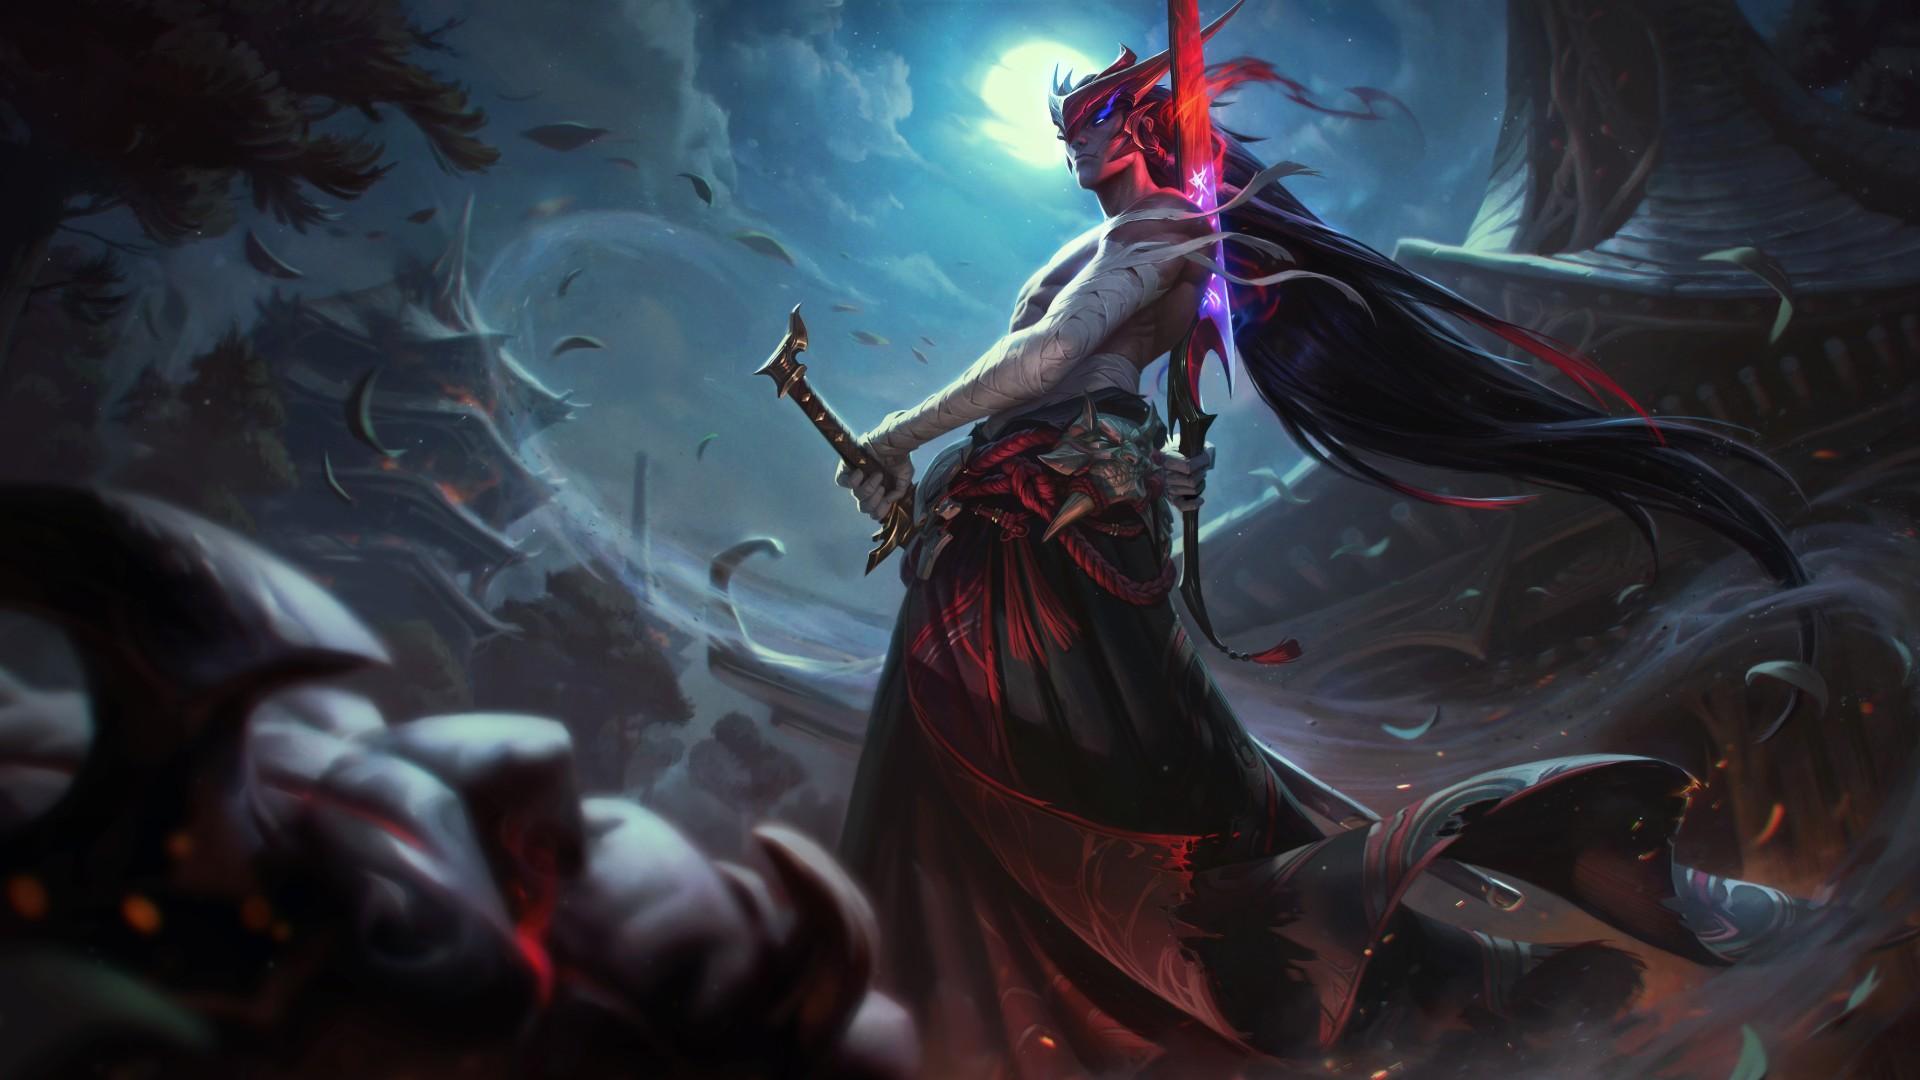 Giải mã 10 ác quỷ bí ẩn trong Phả Hệ Quỷ của LMHT: Thủy tổ ghê rợn tạo nên từ những mảnh thịt thừa, con thứ 7 chính là Yone (P2) - Ảnh 5.